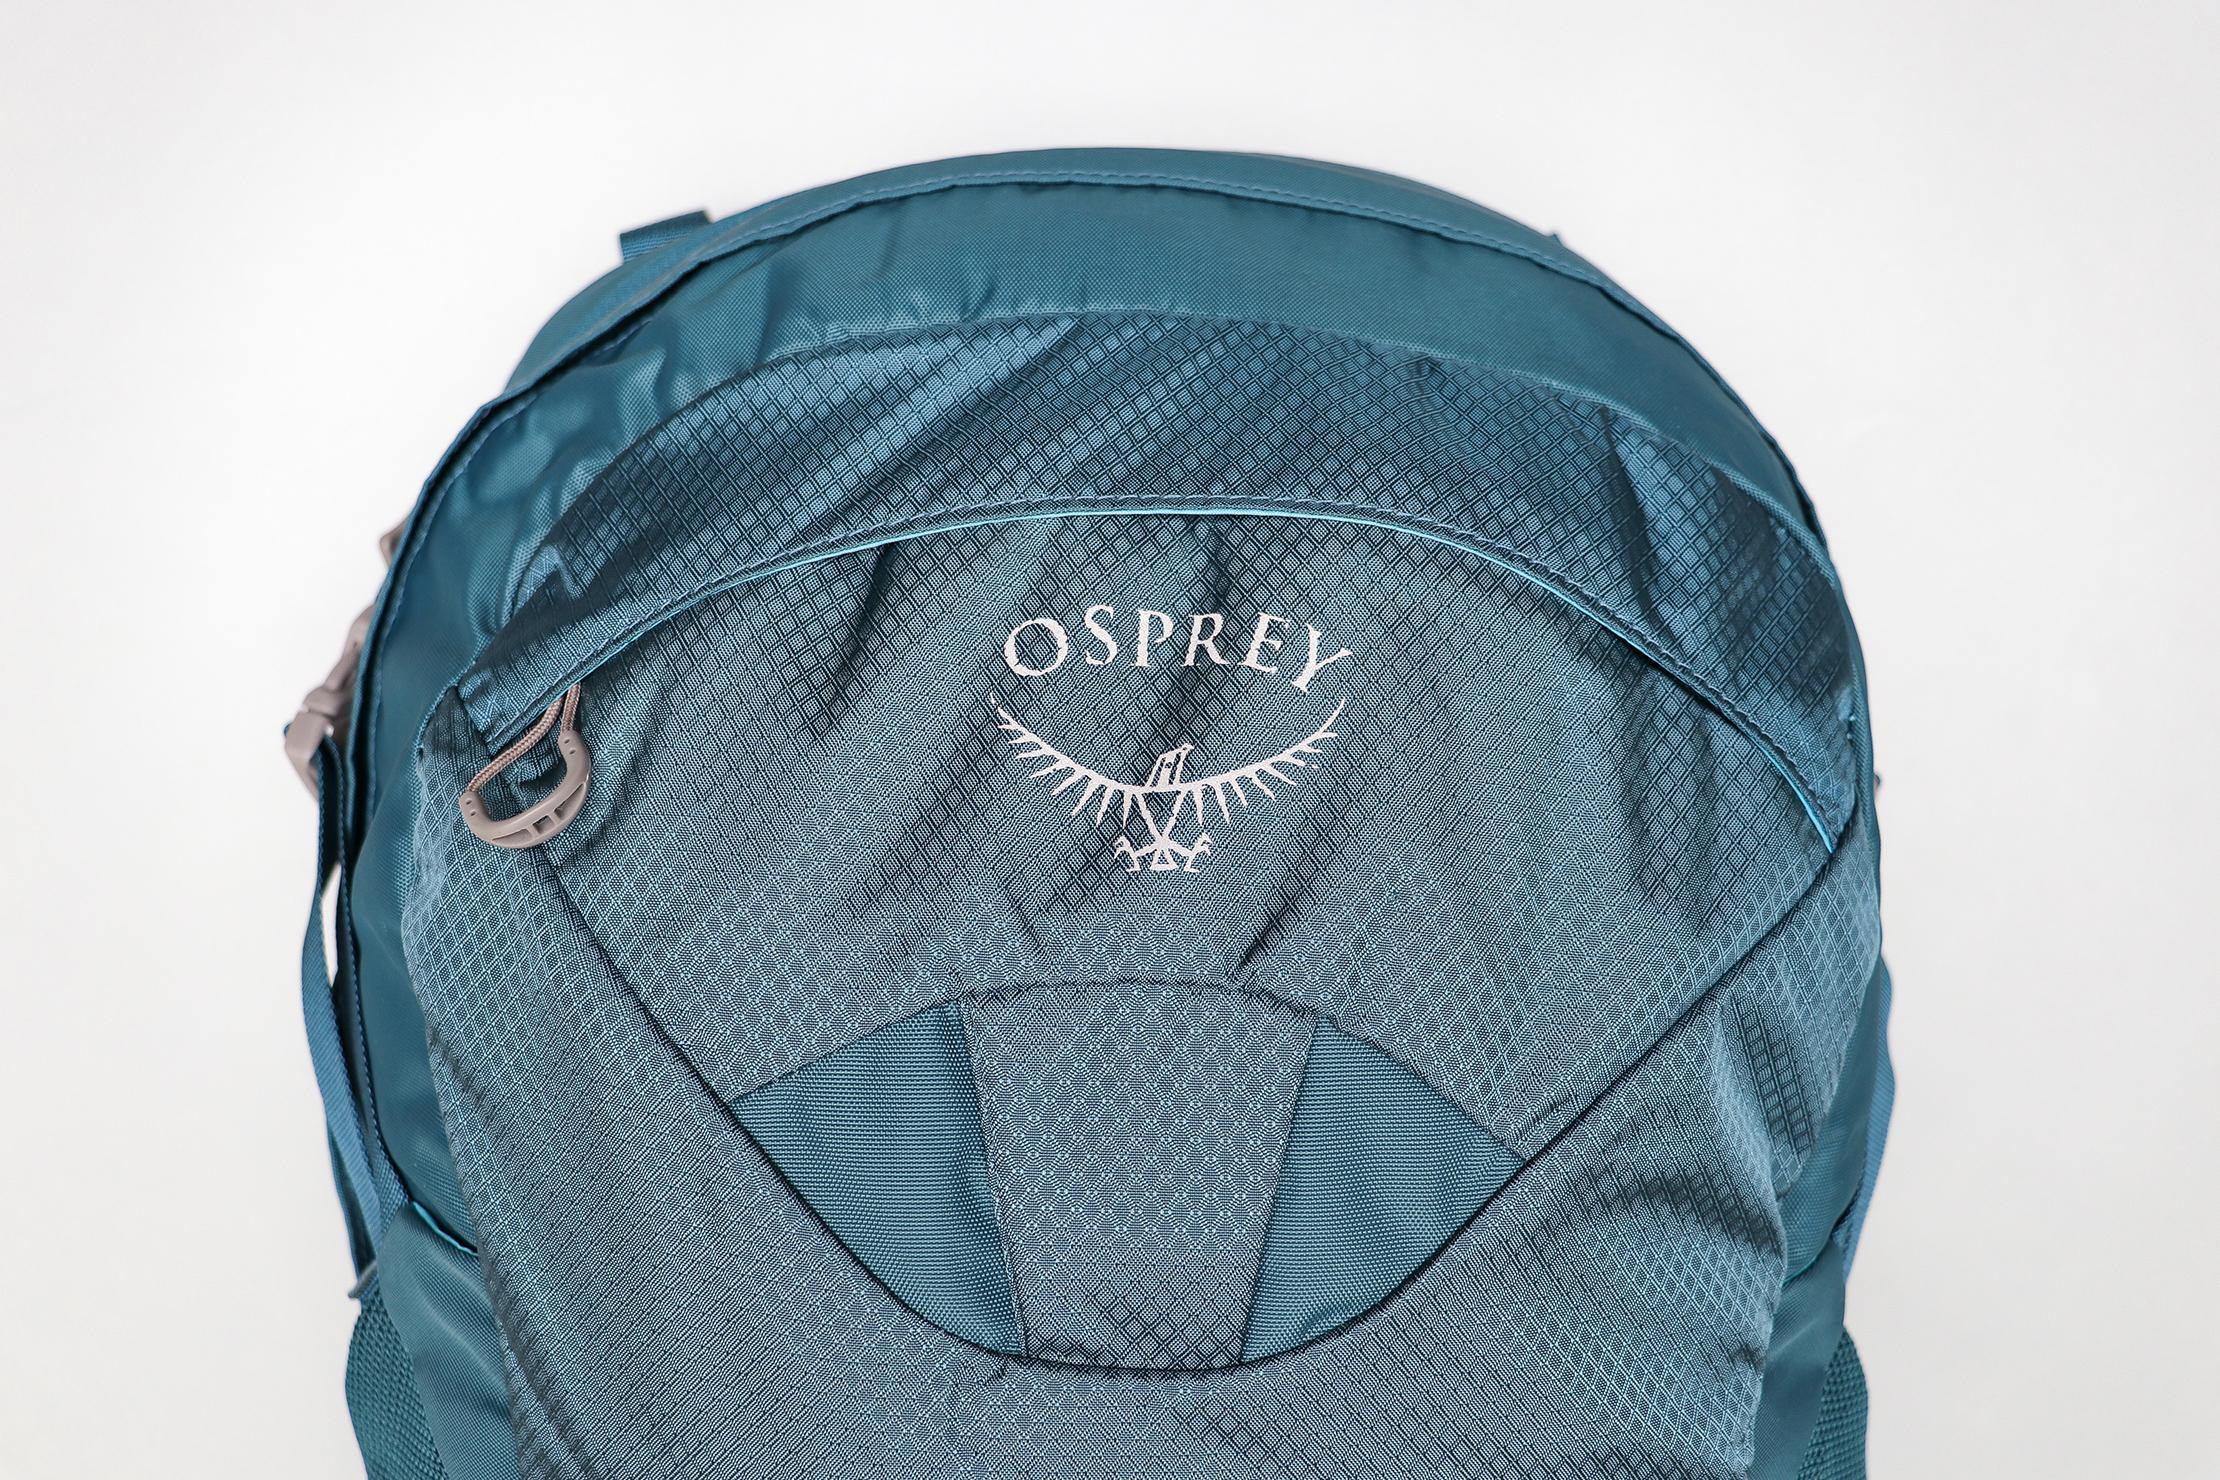 Osprey Daylite Travel Pack Logo